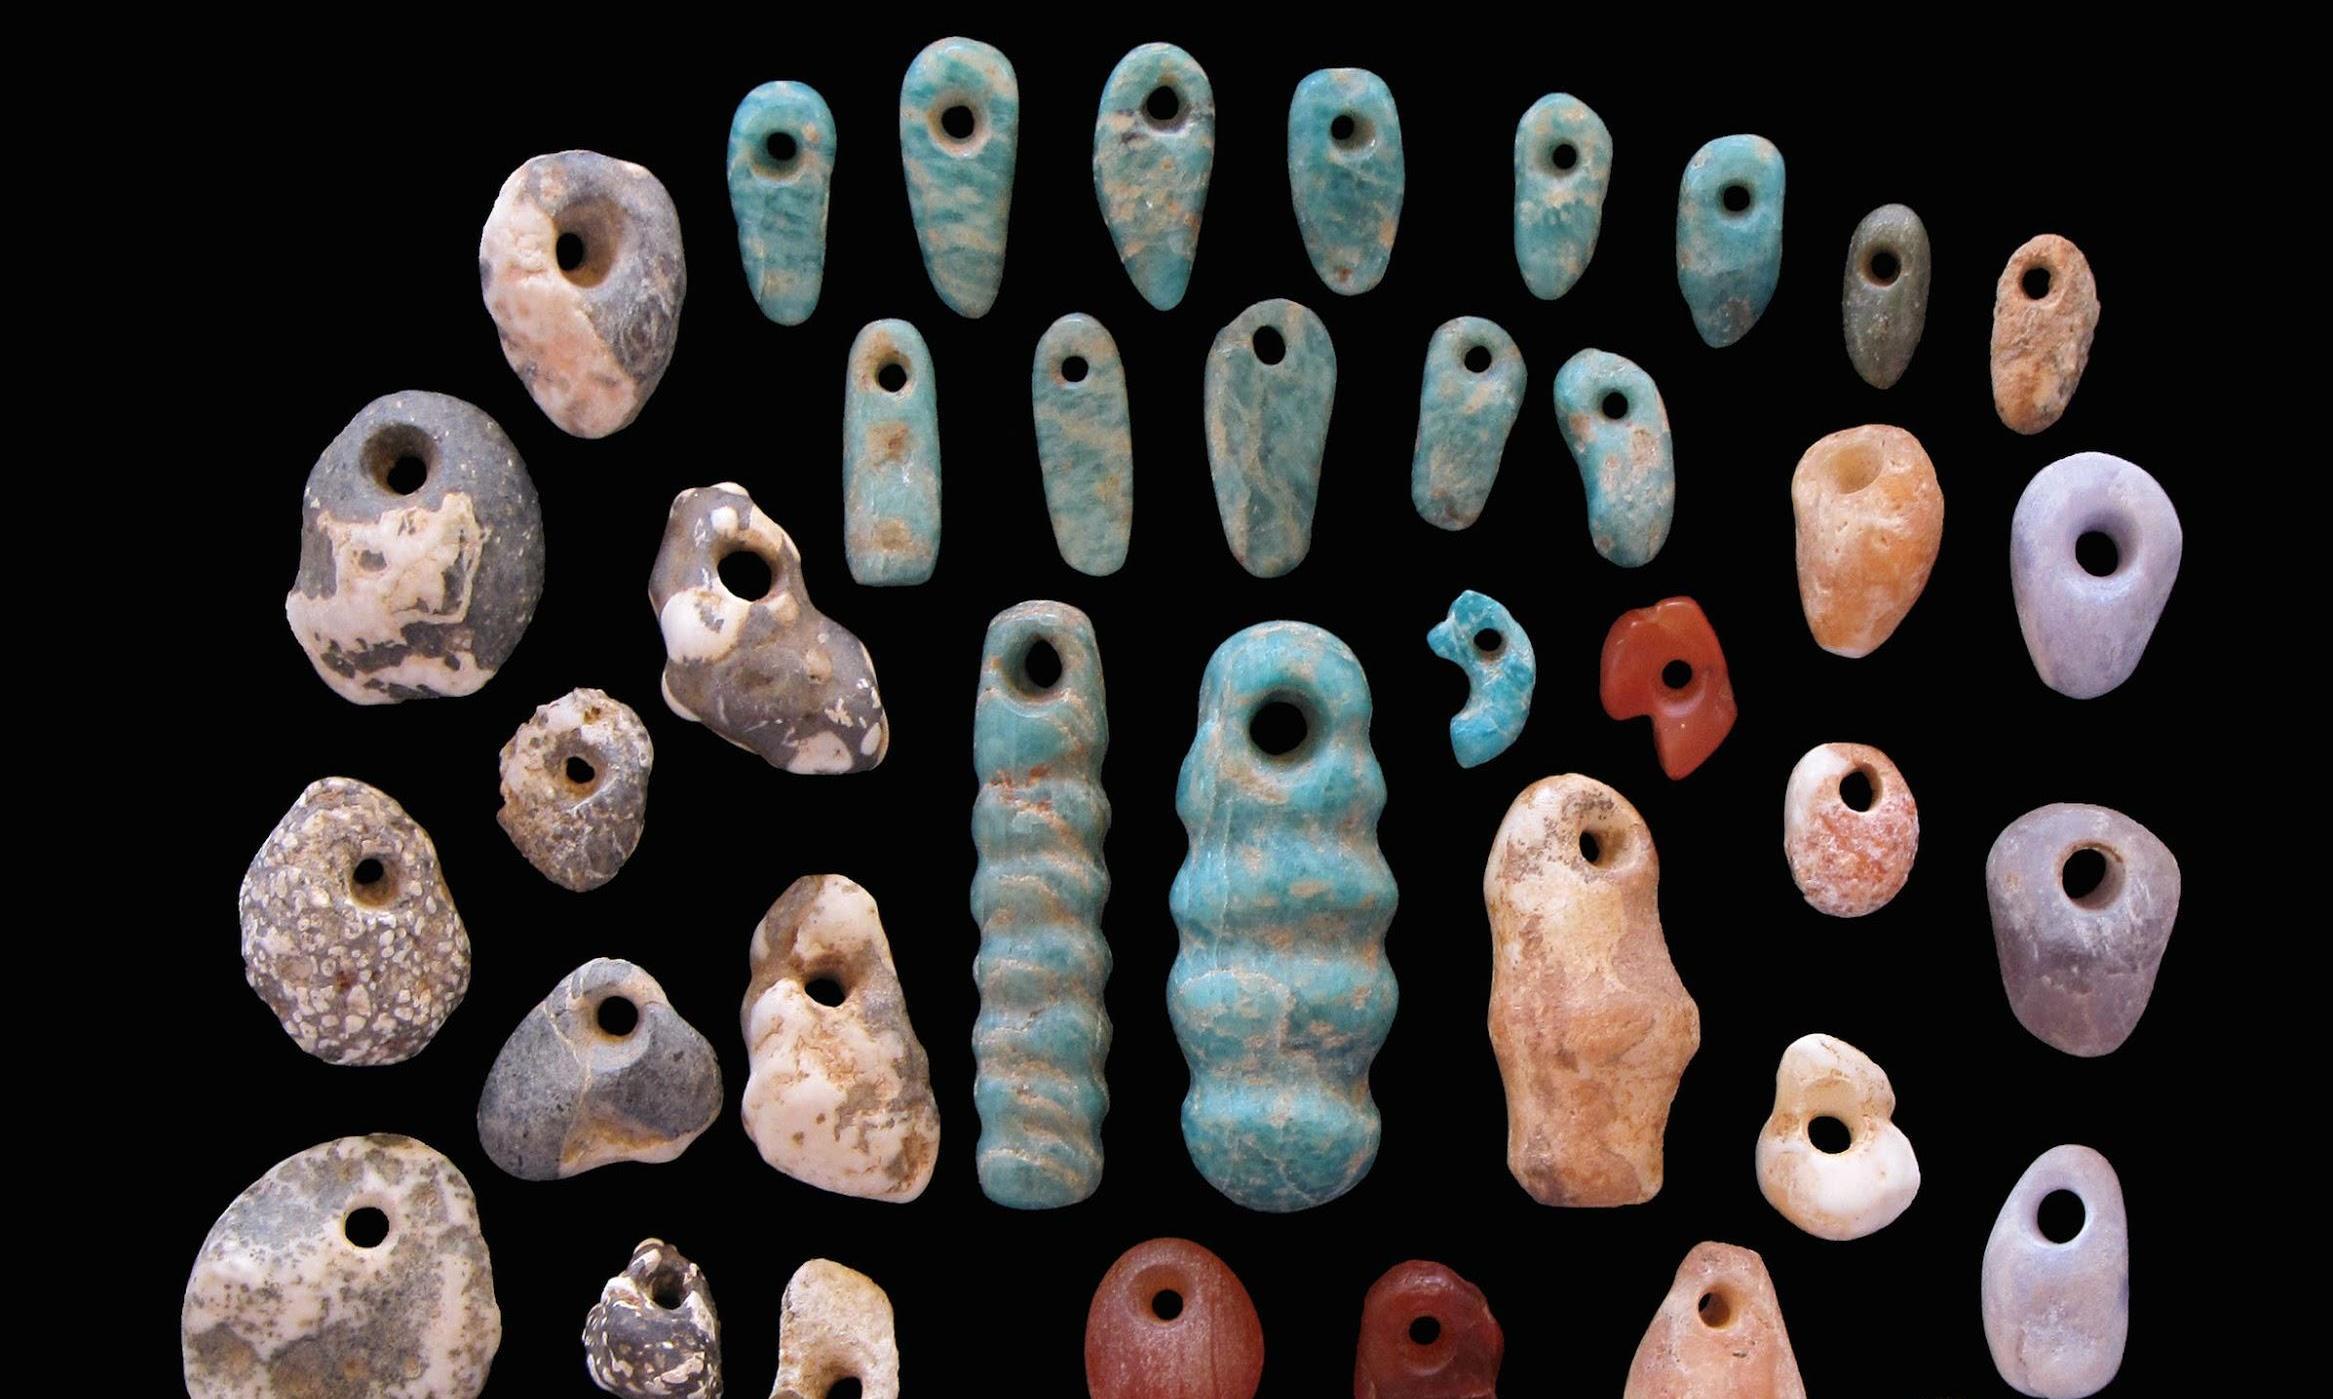 Kenya burial site shows community spirit of herders 5,000 years ago